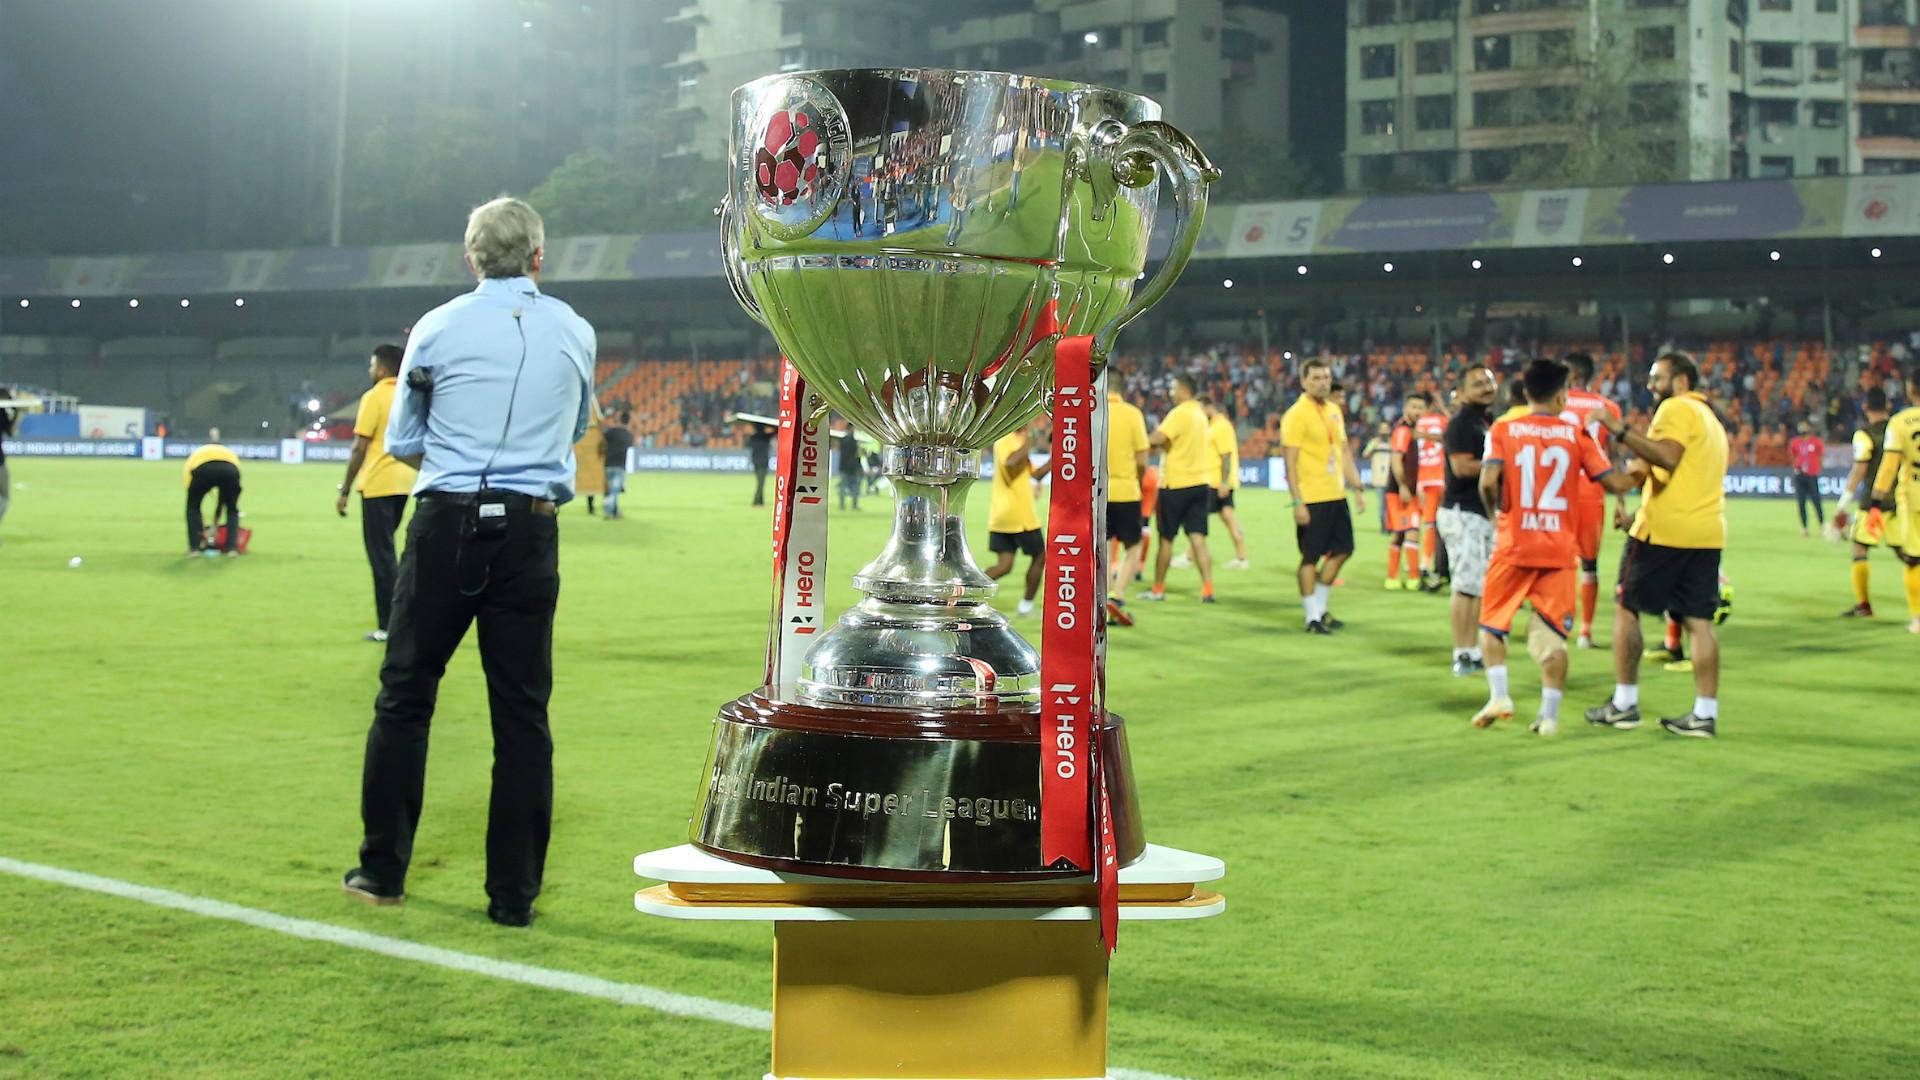 ISL 2018-19 trophy